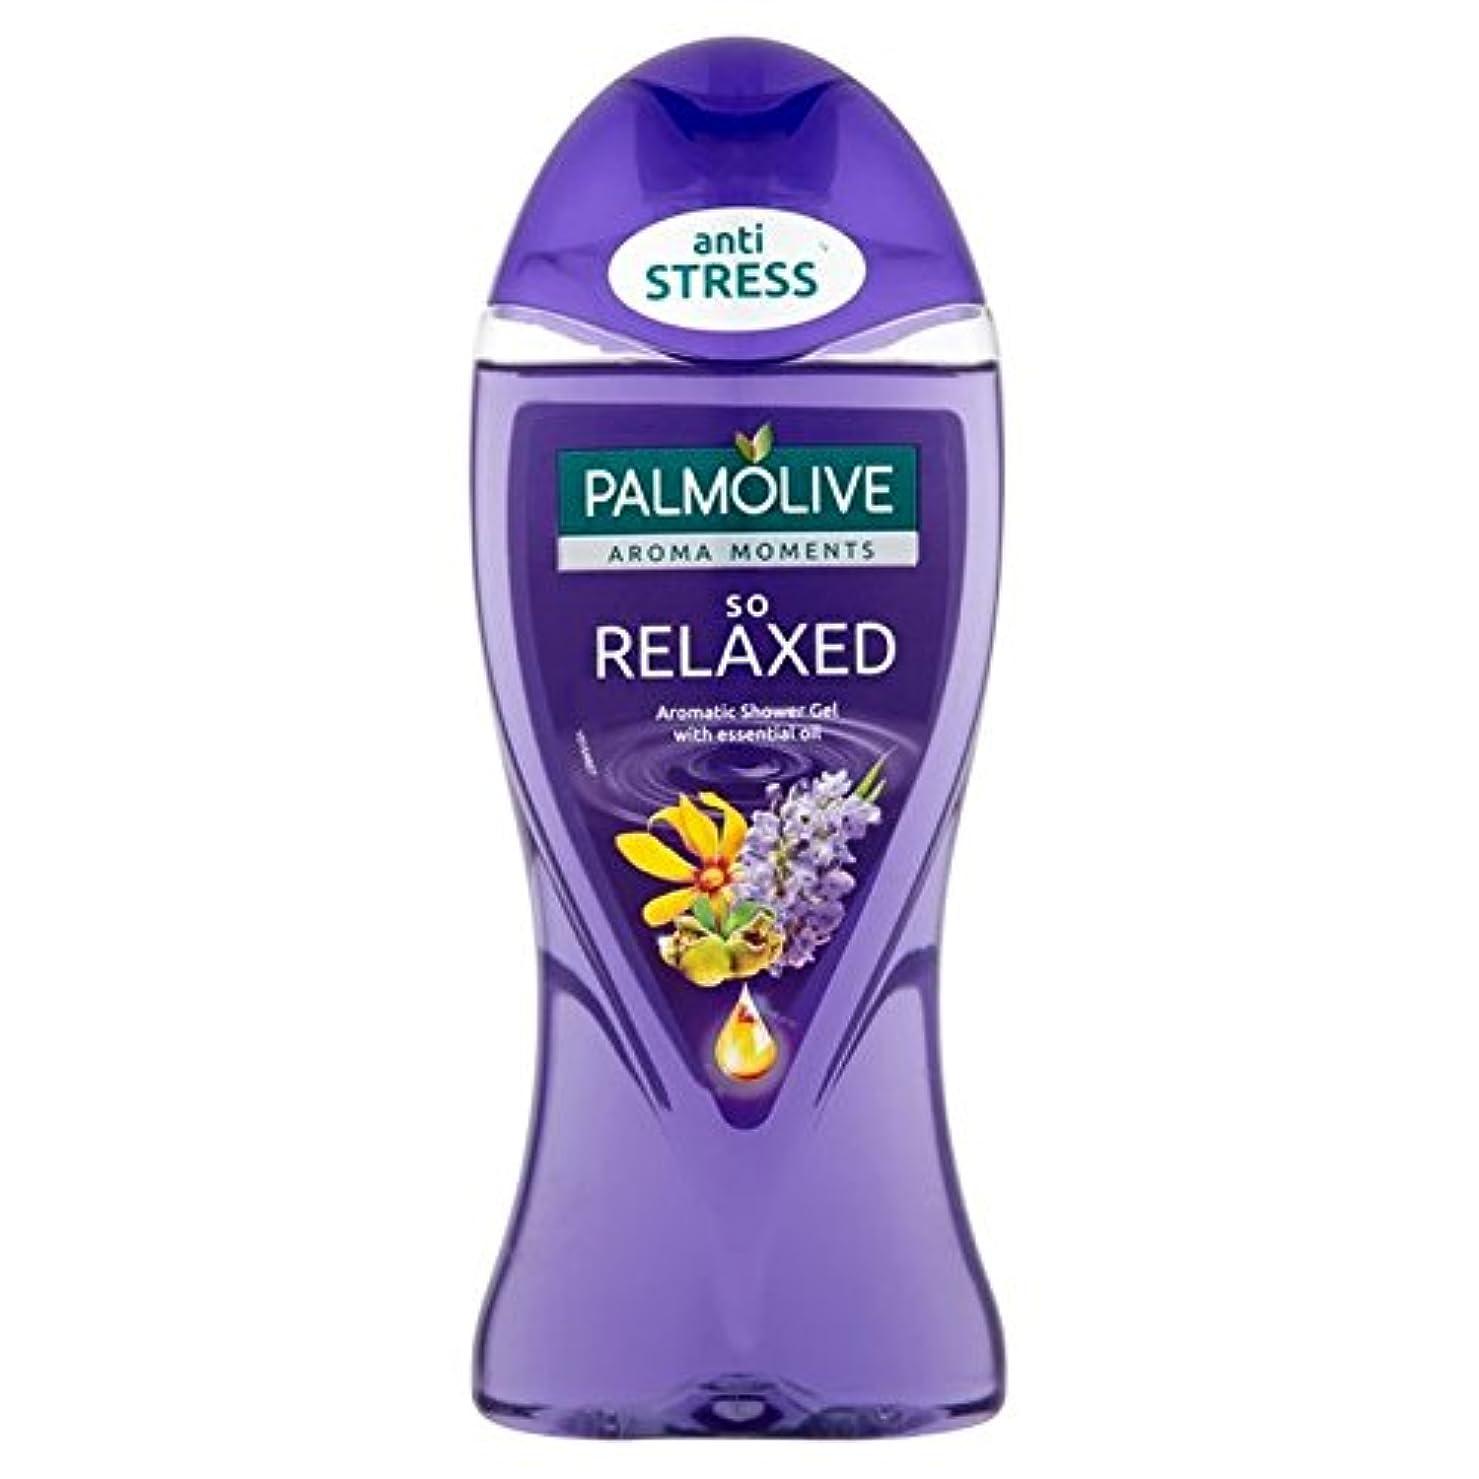 実験晩餐チャップパルモシャワージェルリラックスした250ミリリットル x2 - Palmolive Shower Gel Relaxed 250ml (Pack of 2) [並行輸入品]